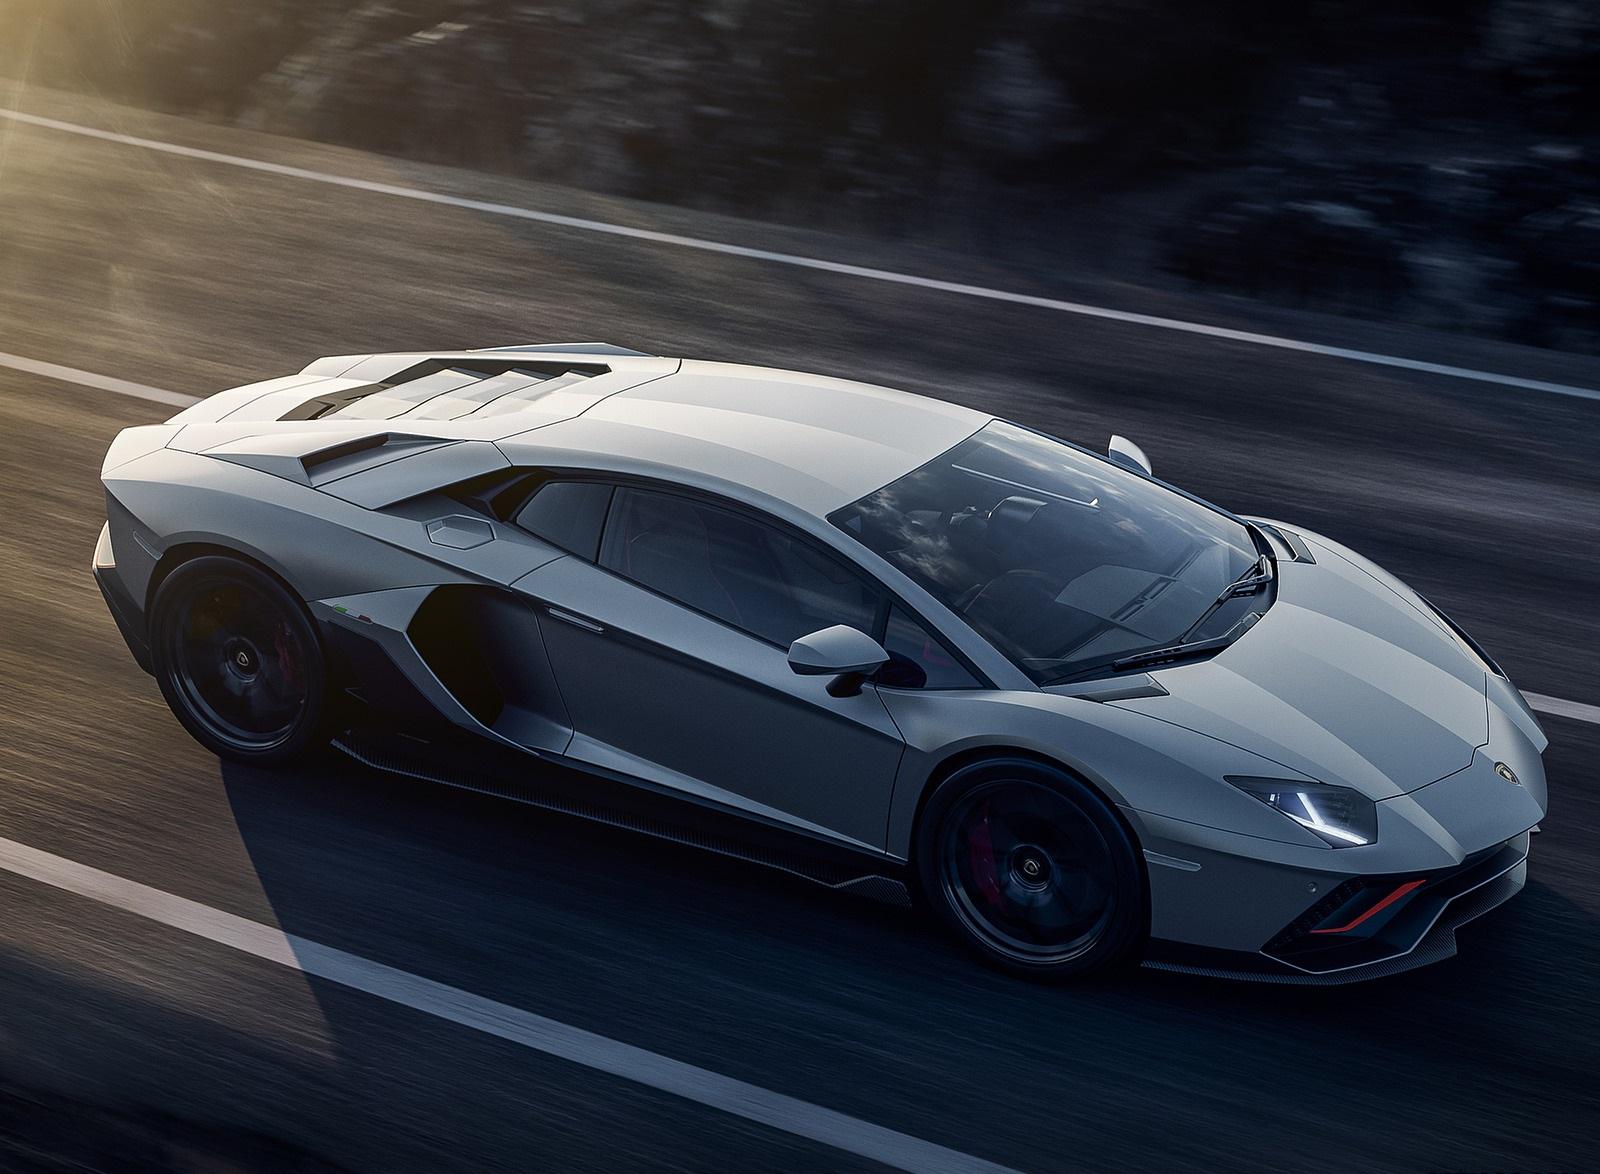 2022 Lamborghini Aventador LP 780-4 Ultimae Top Wallpapers (3)